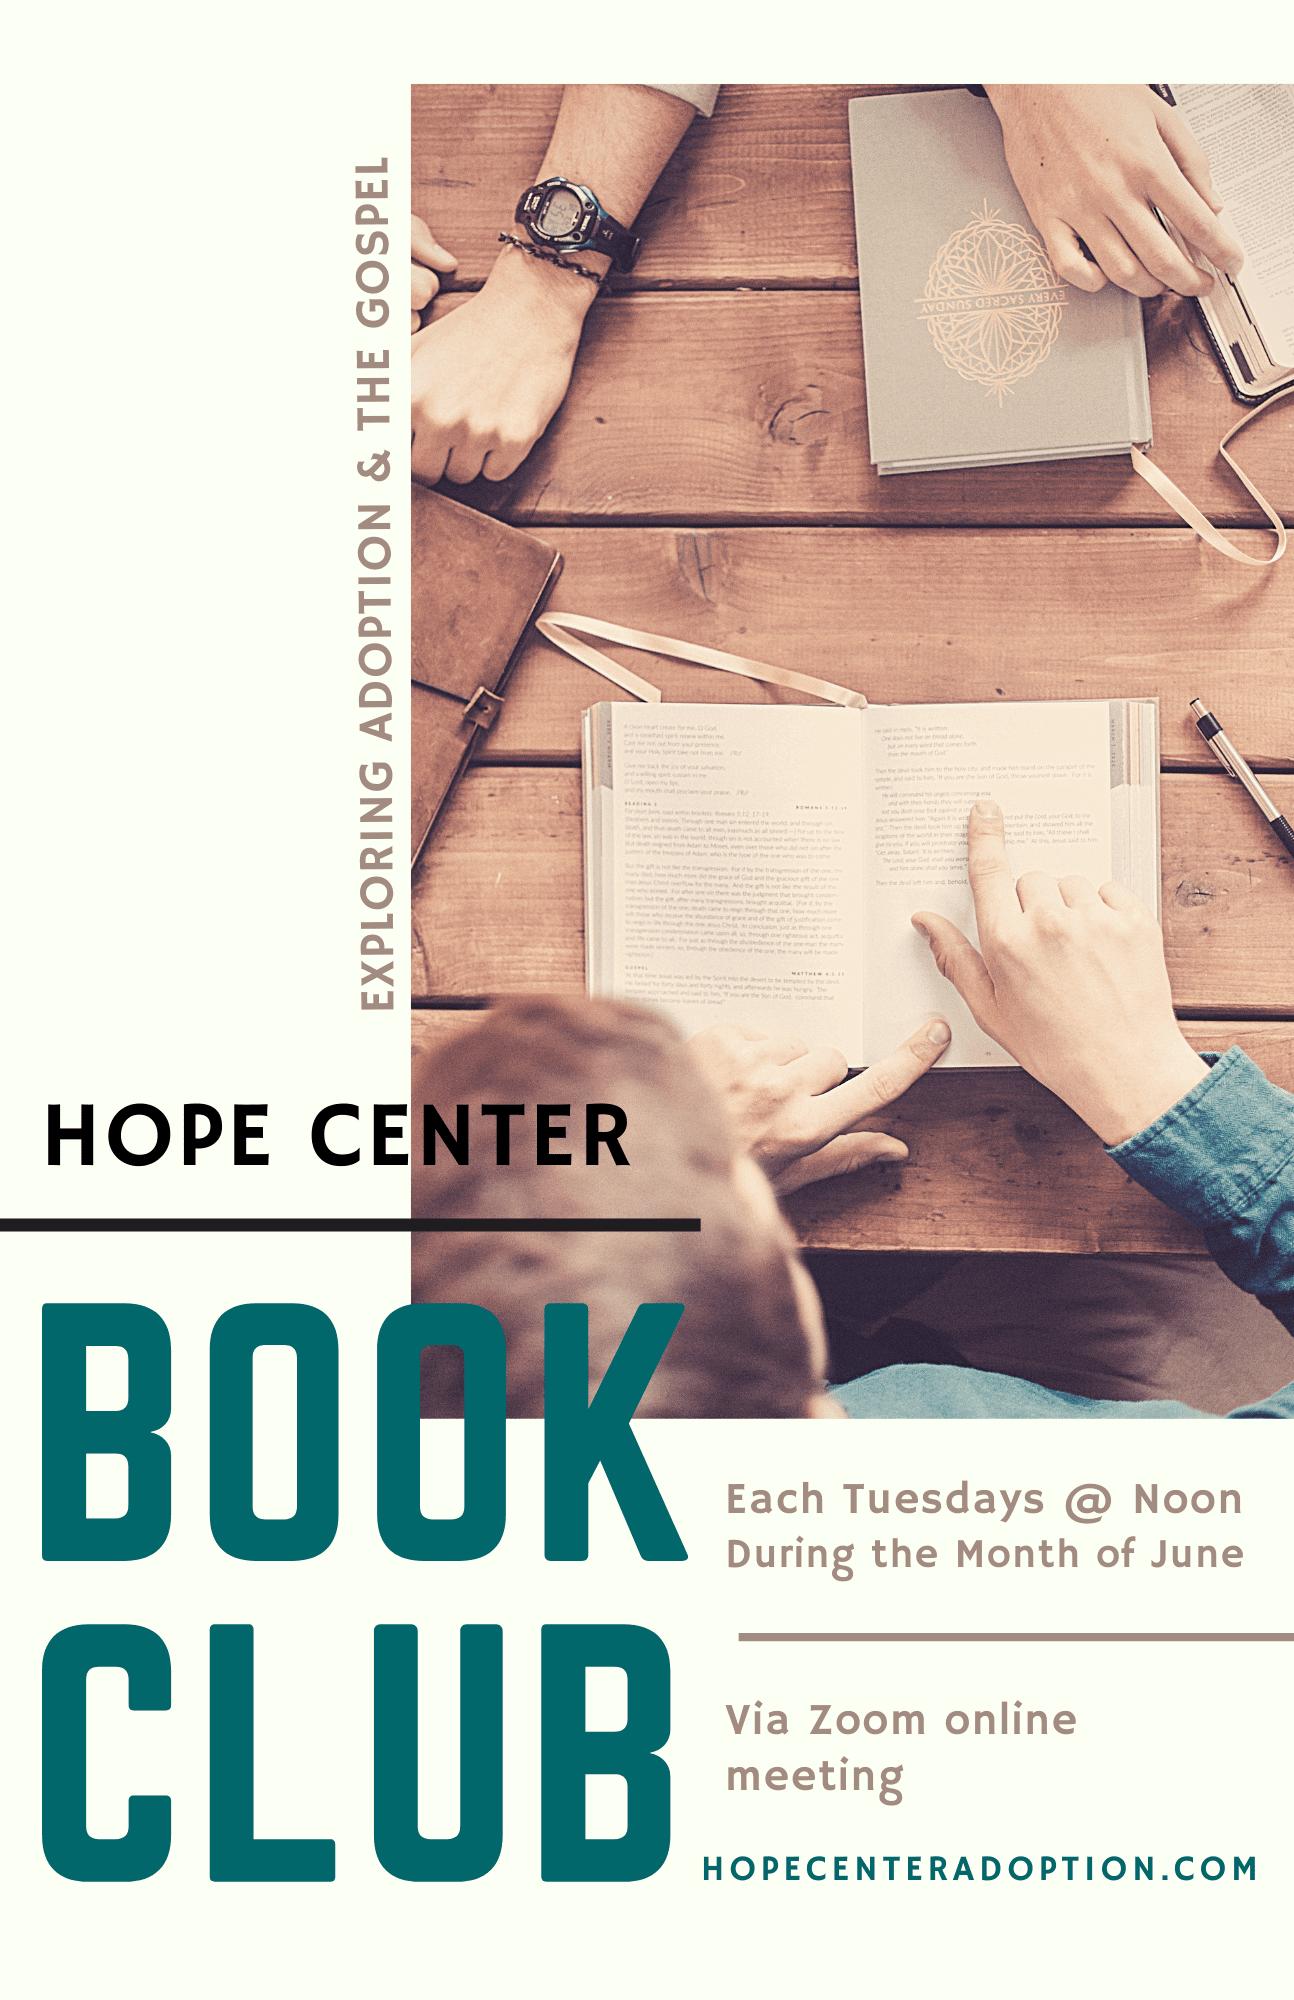 Book Club Flyer